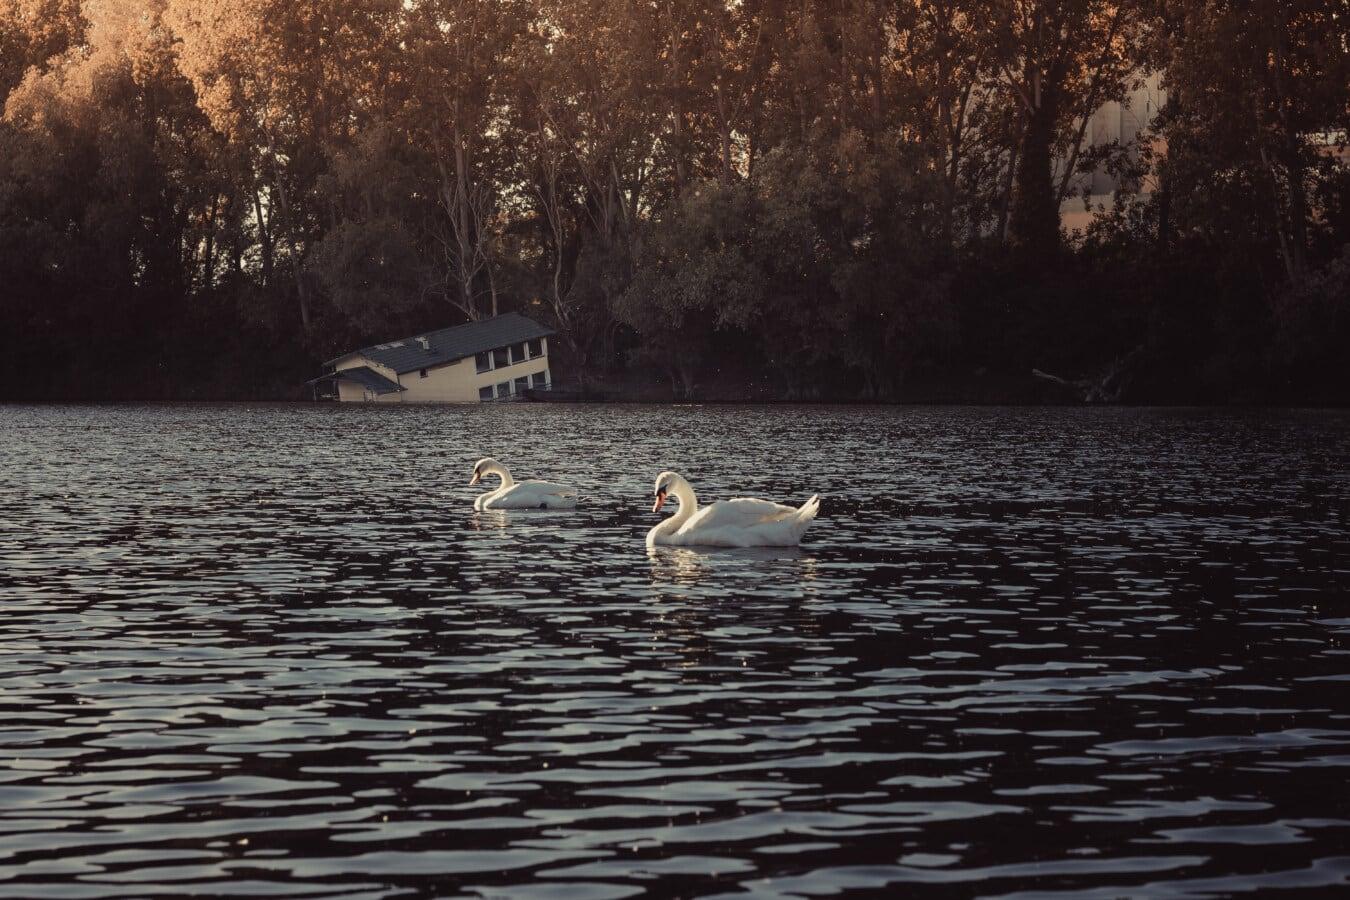 cygne, contre les inondations, au bord du lac, ensoleillement, Lac, rivière, oiseau, eau, réflexion, aube